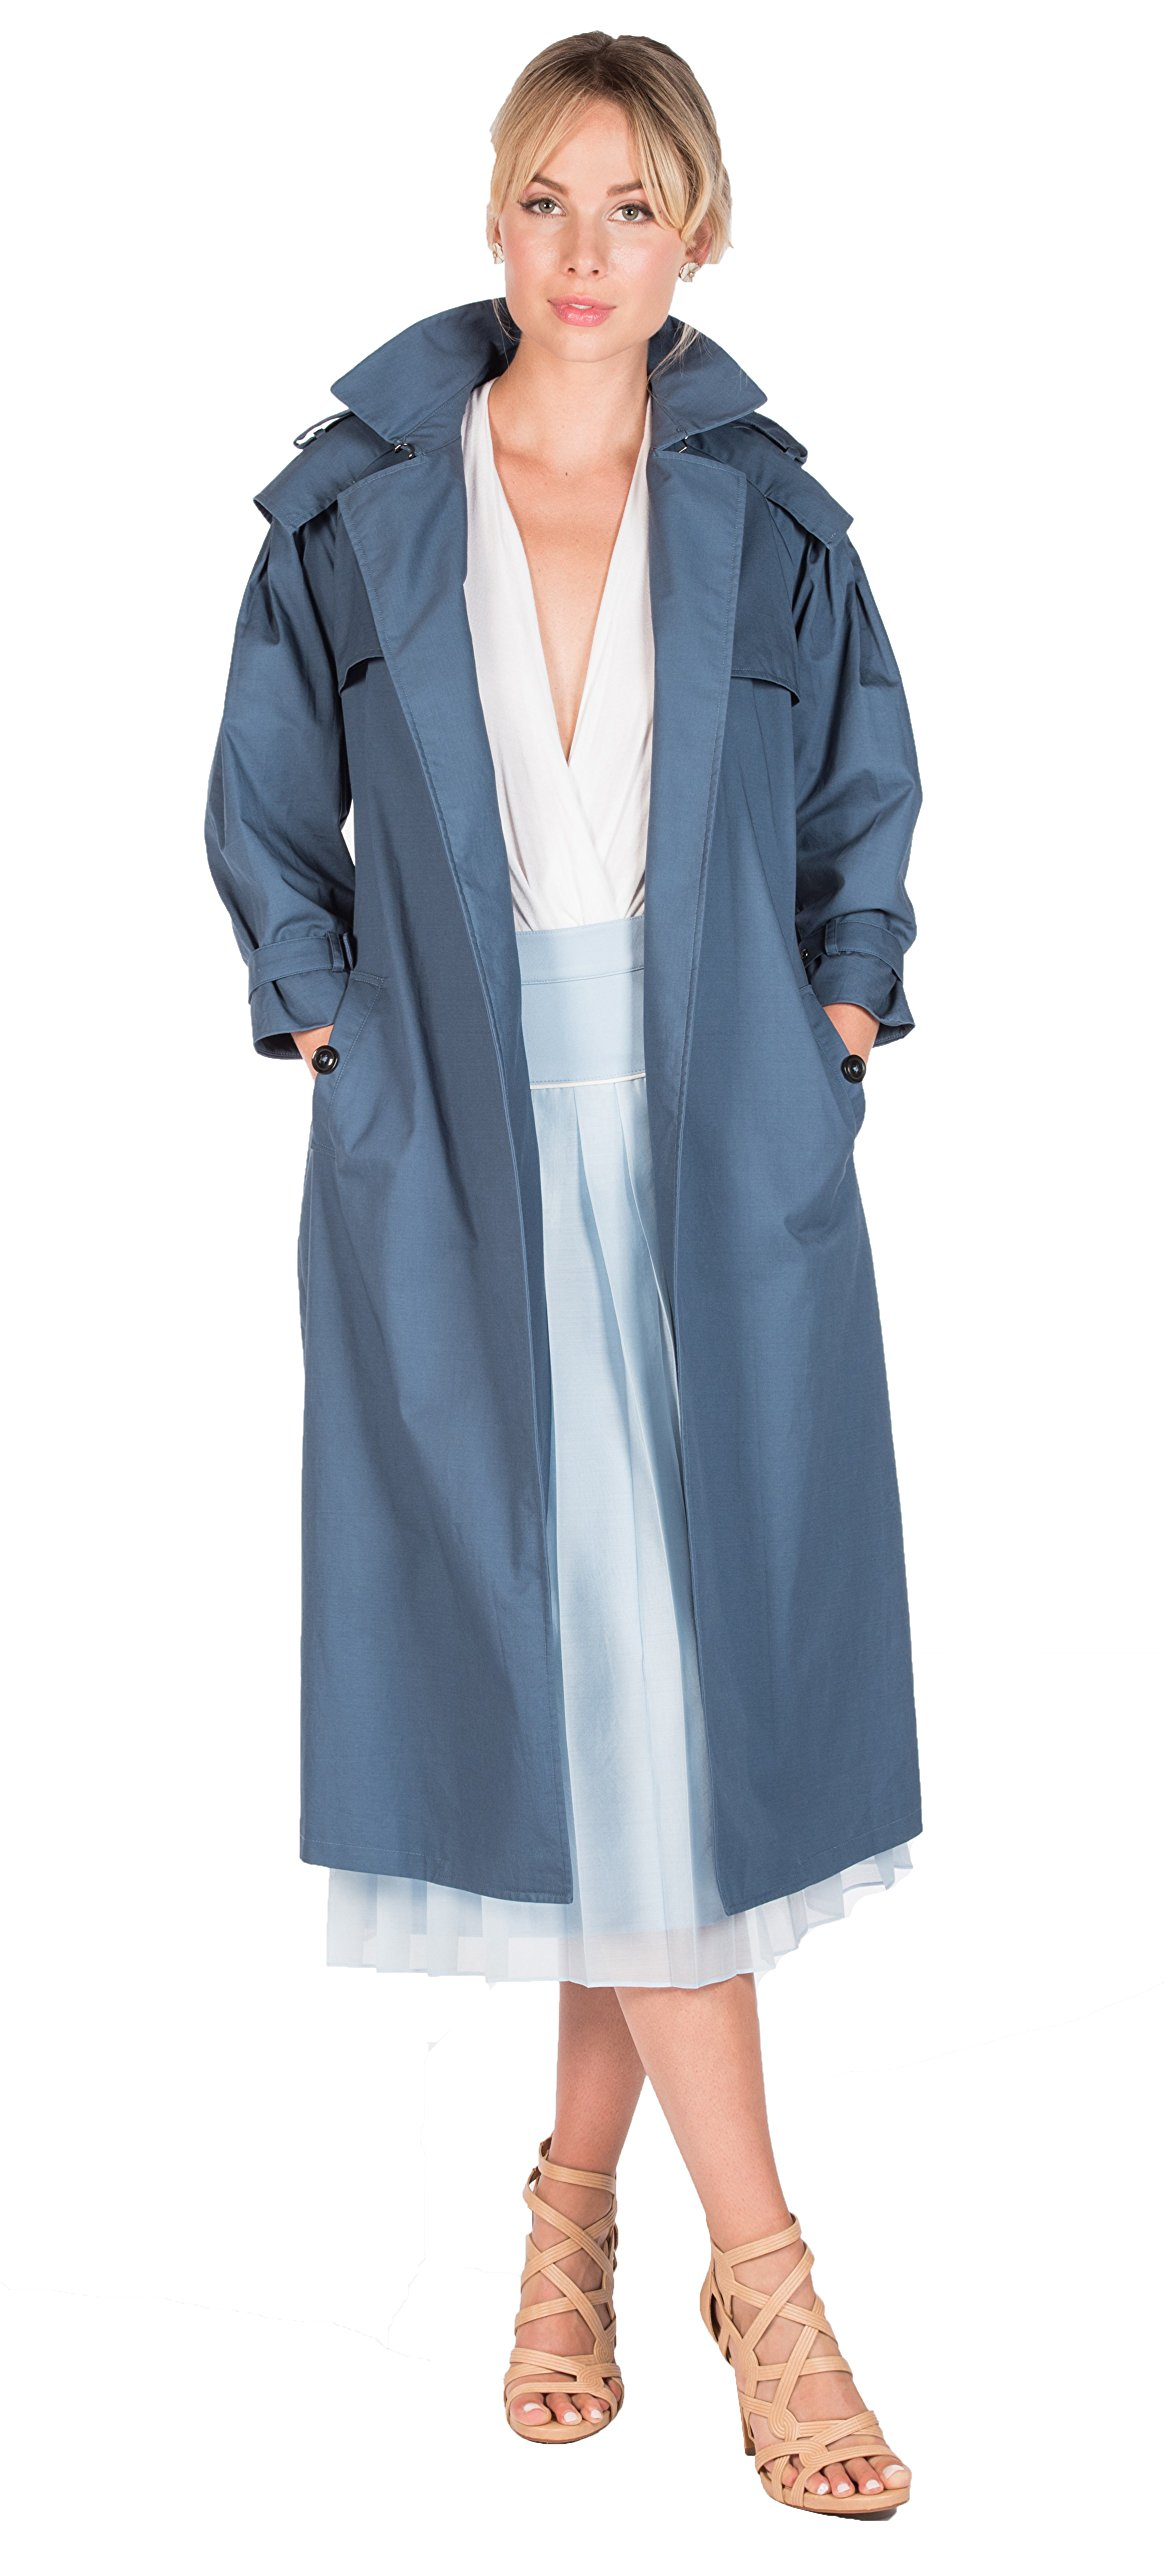 Marco Migliore The Migliore 100% Cotton Women's Trench Coat (Medium, Ash Blue) by Marco Migliore (Image #1)